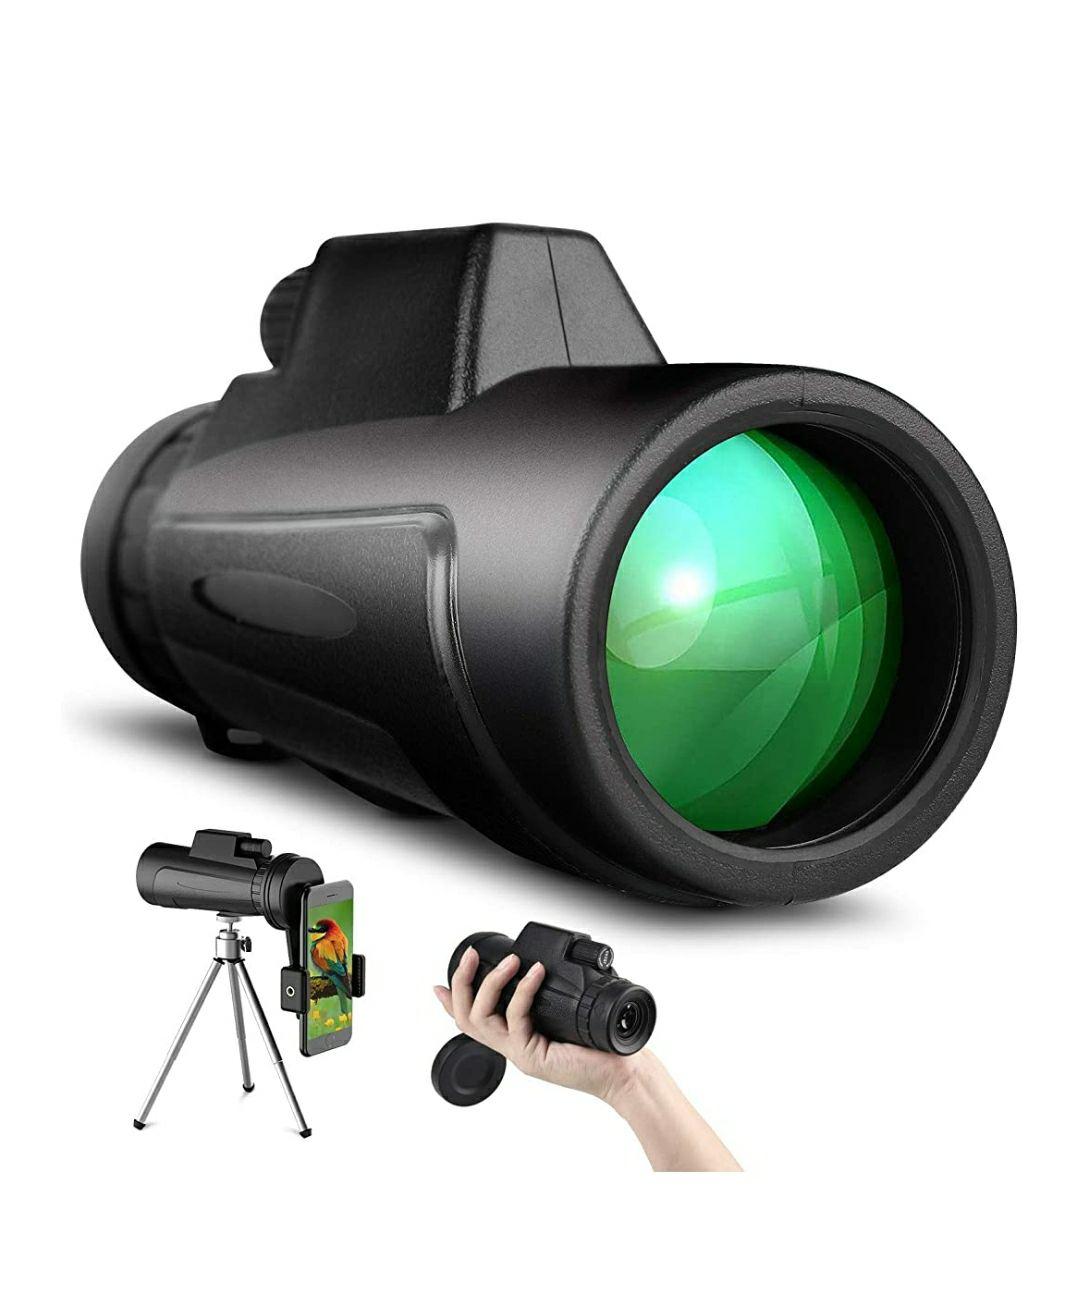 SKYSPER Telescopio Monoculare Professionale 12x50 con treppiede e Supporto Smartphone